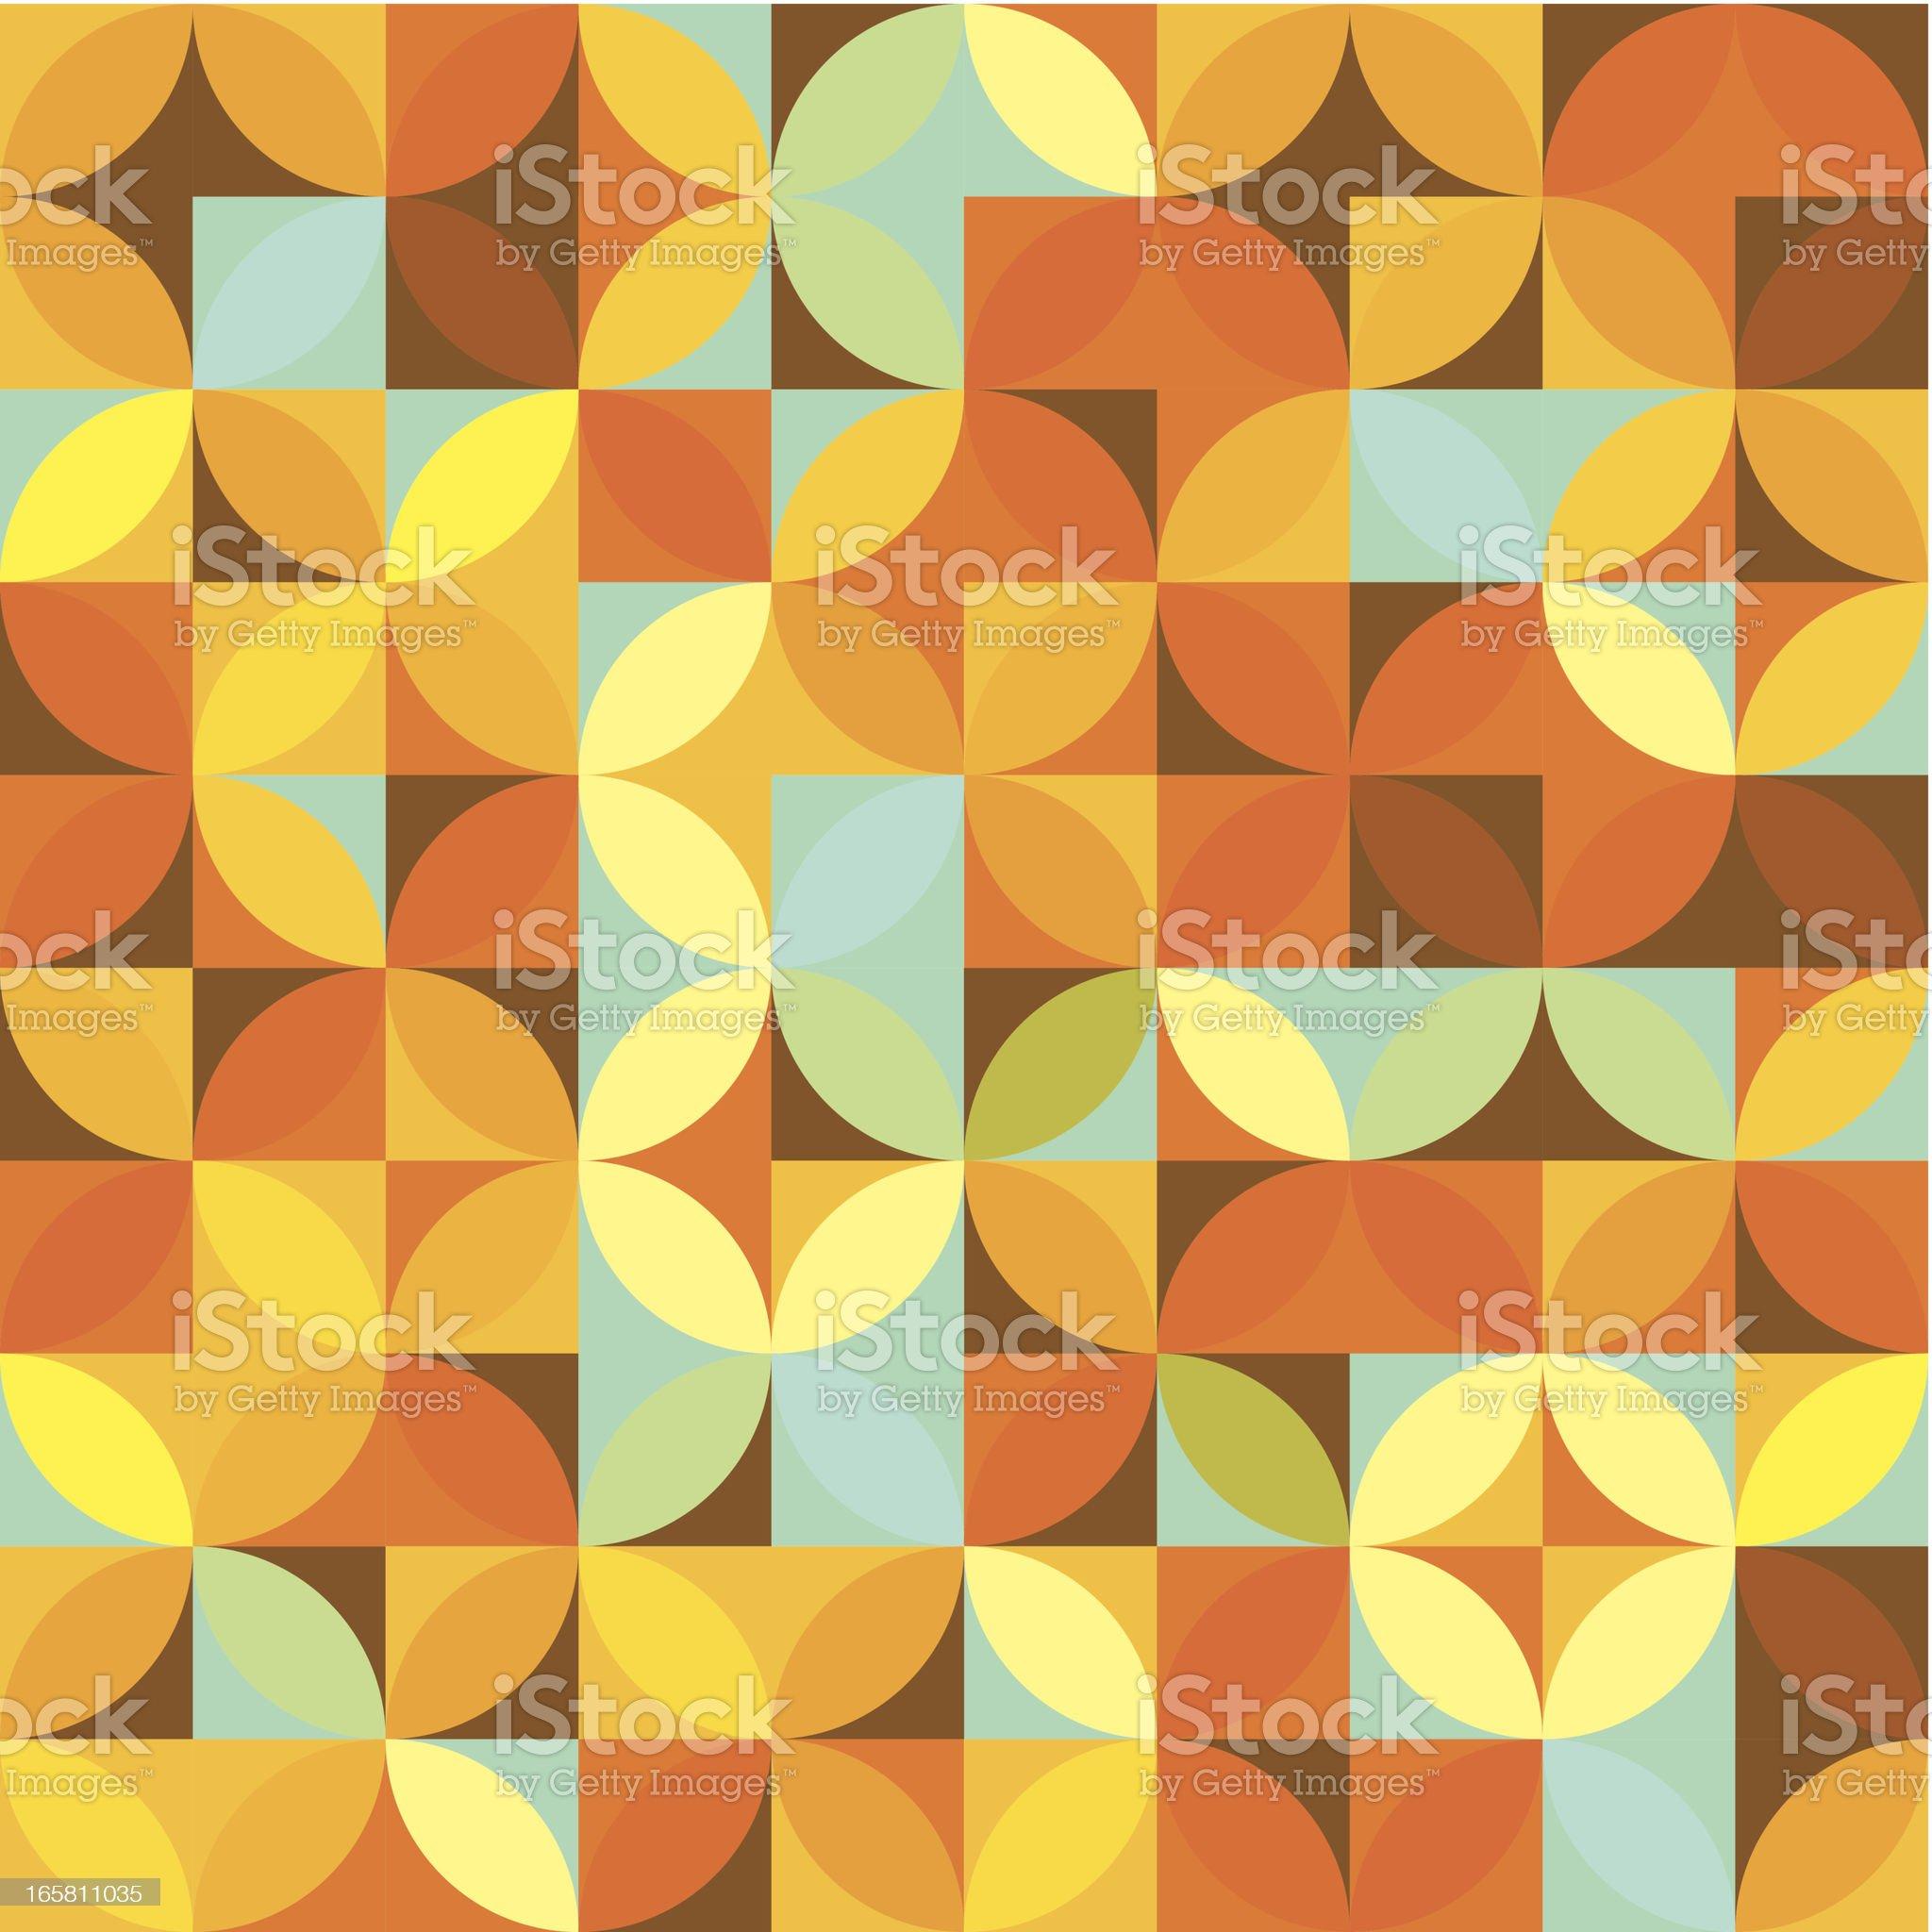 Orange Circle Mosaic Pattern royalty-free stock vector art